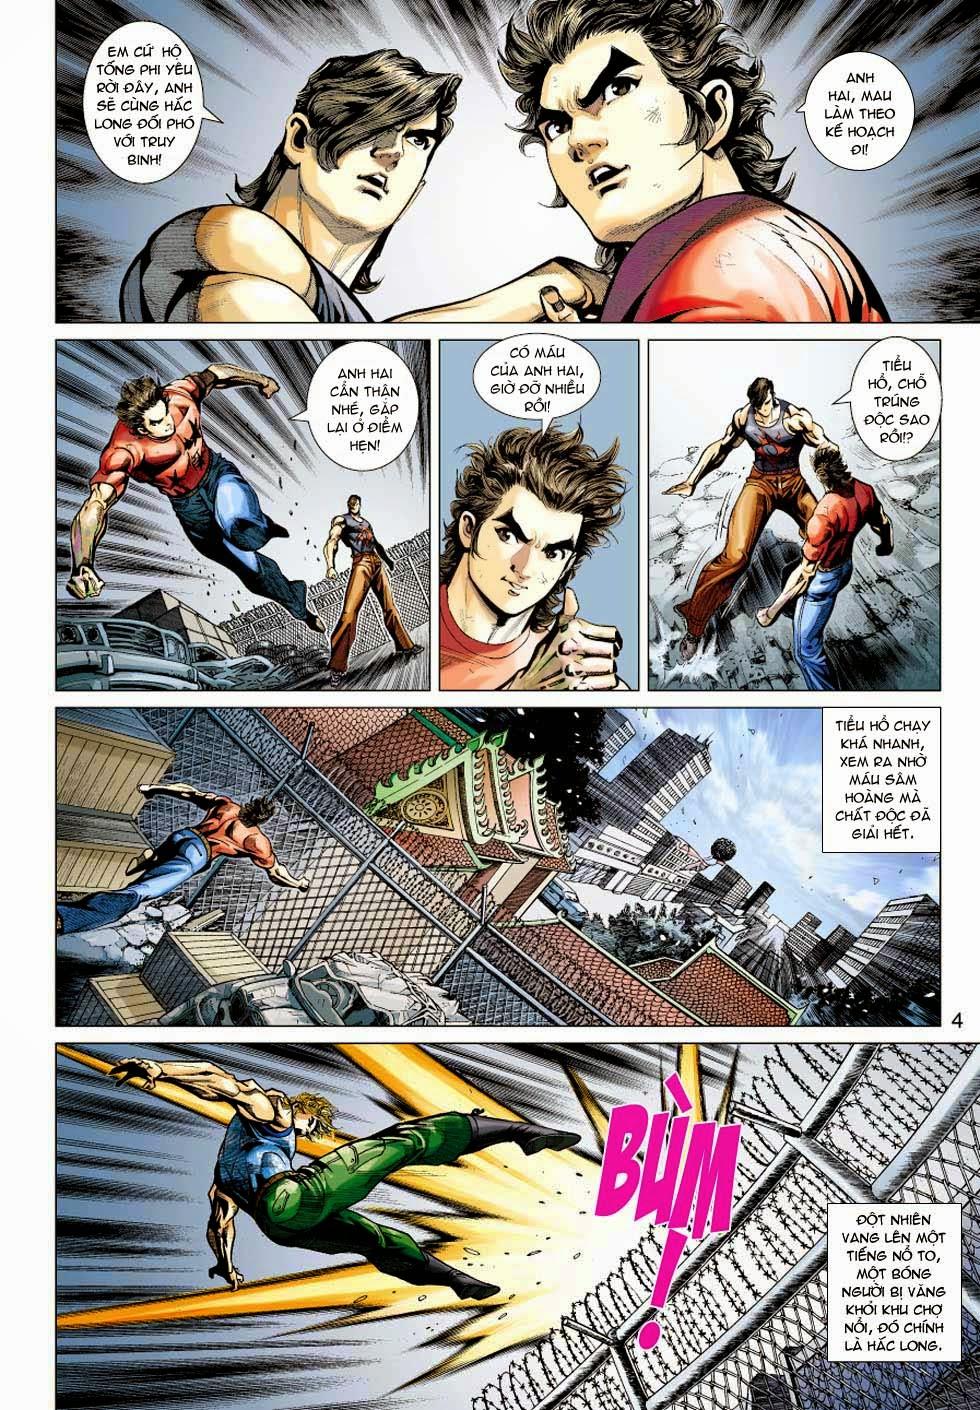 Tân Tác Long Hổ Môn chap 354 - Trang 4